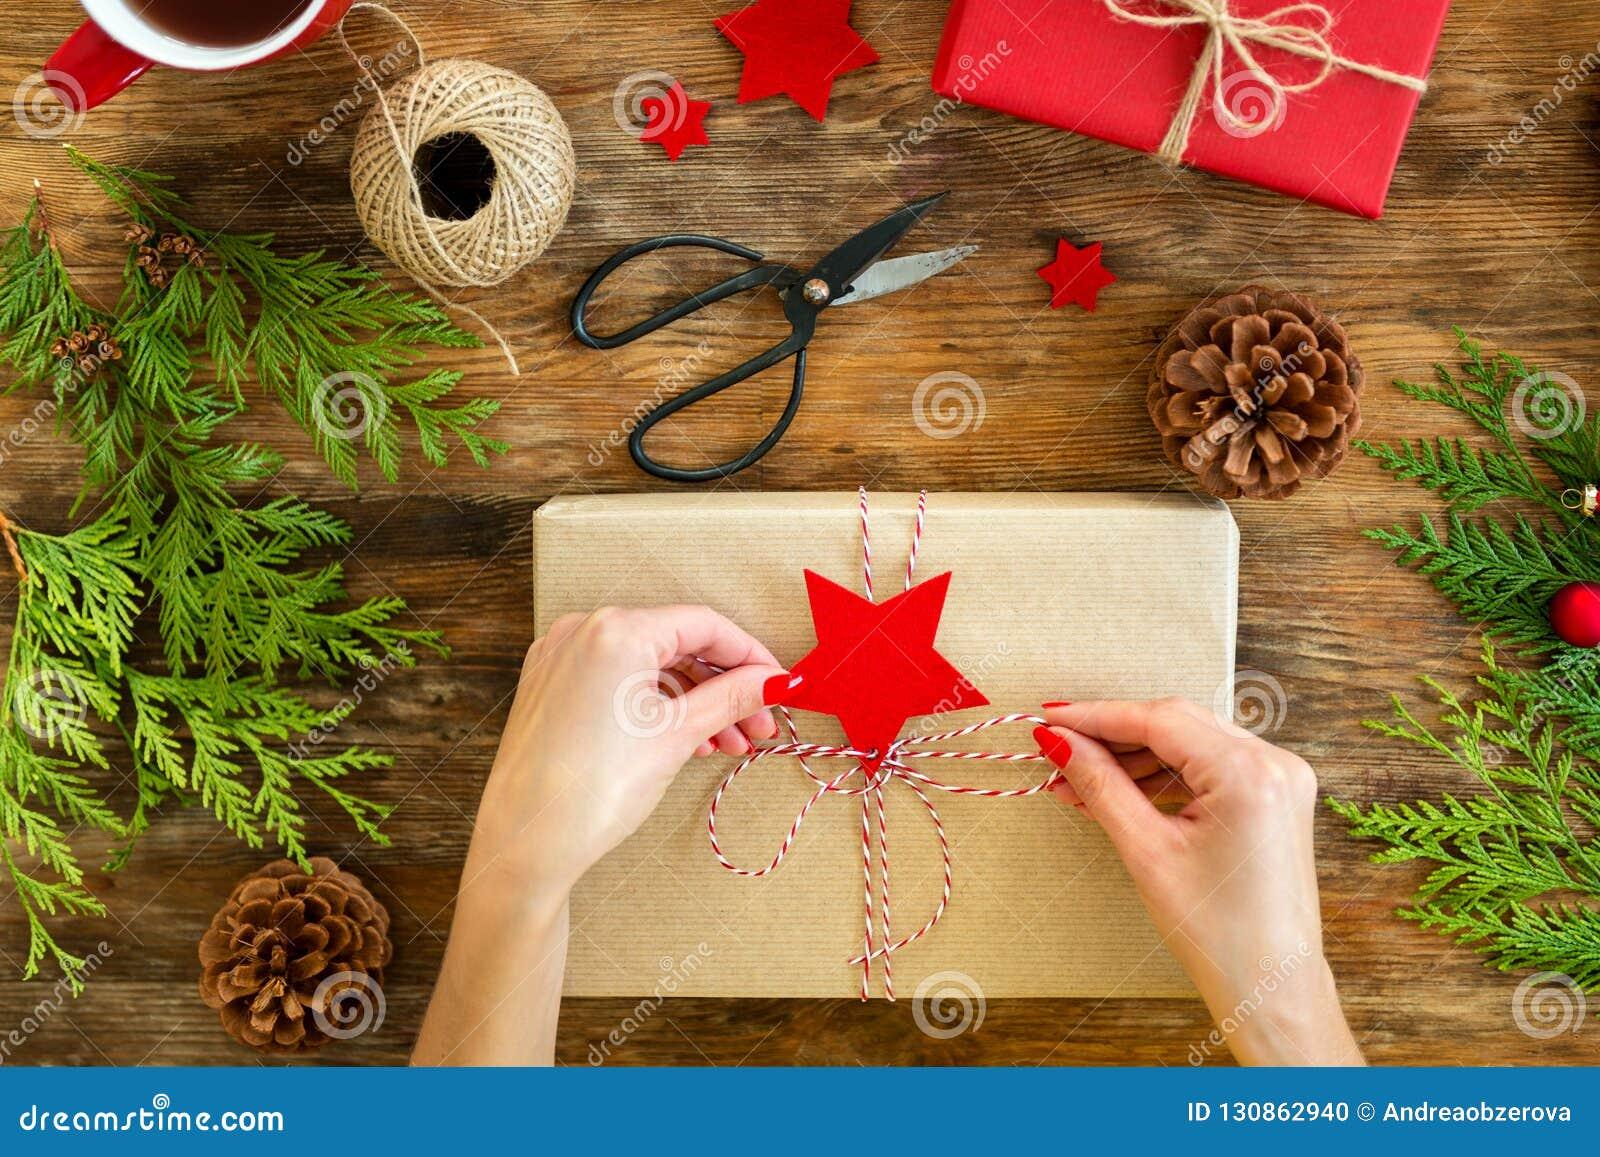 DIY-Gift het Verpakken Vrouw die mooie rode Kerstmisgiften op rustieke houten lijst verpakken Het luchtmeningskerstmis verpakken